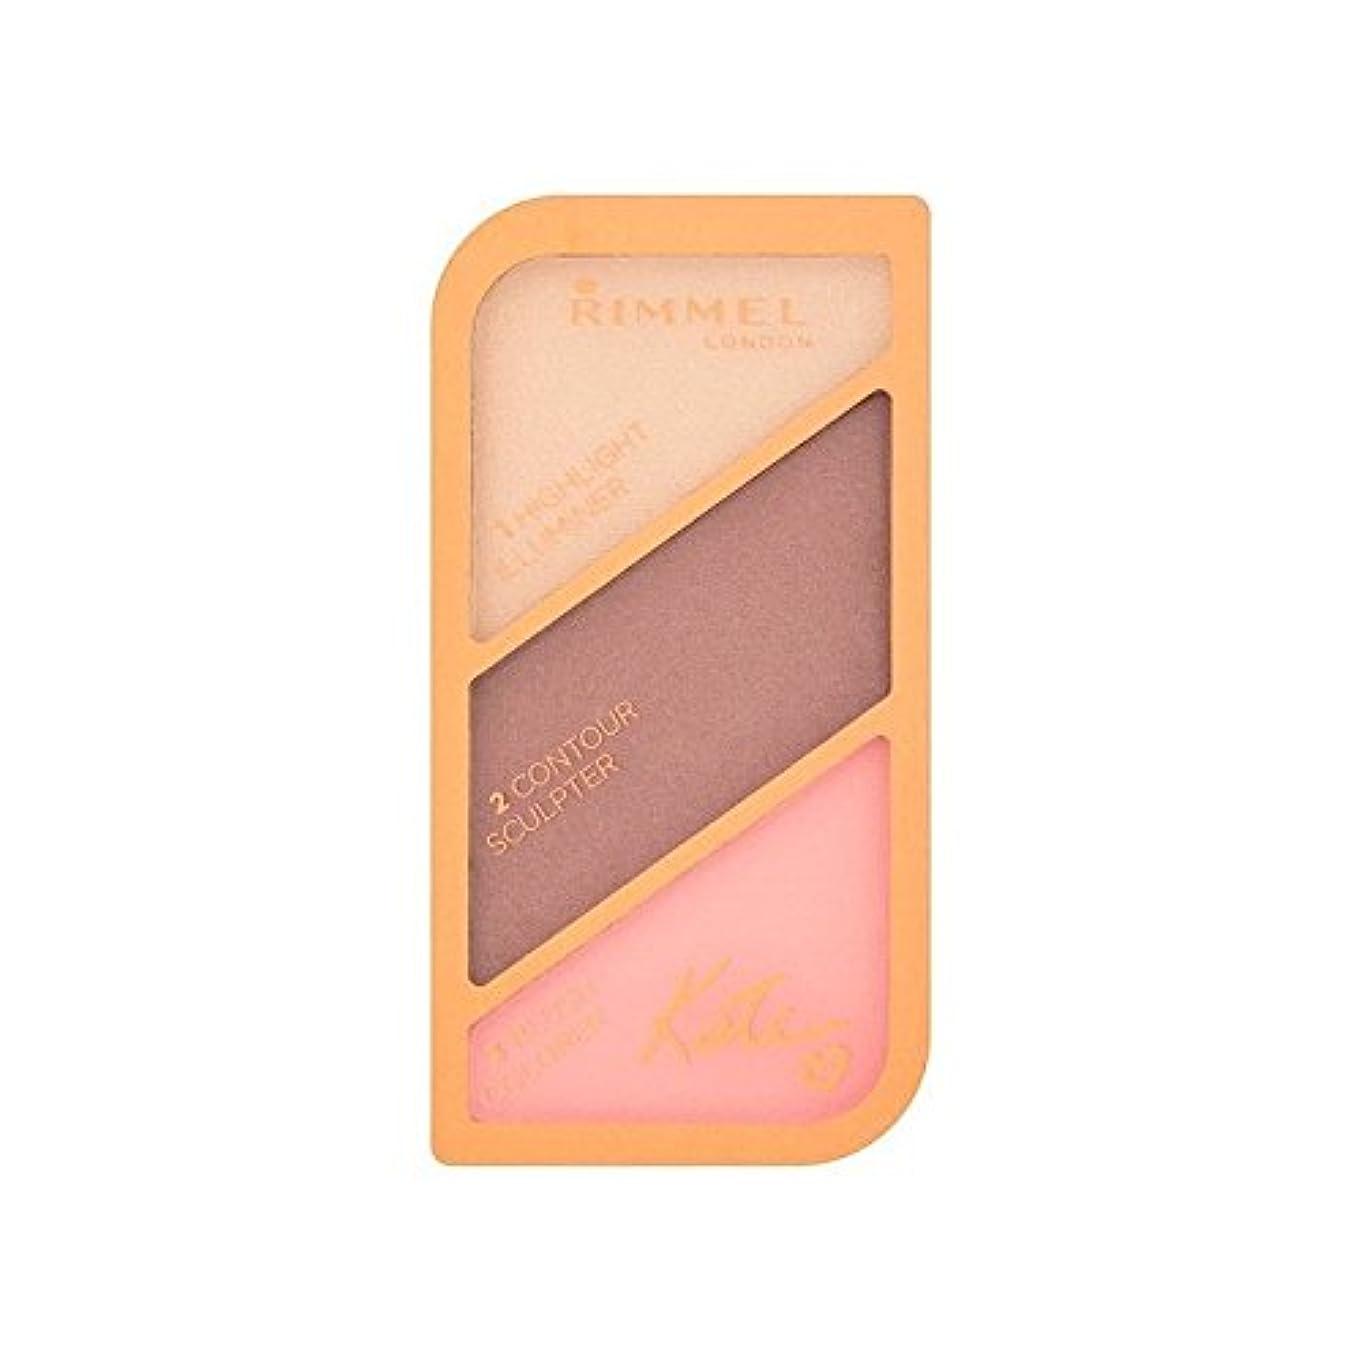 成熟した超えてミトンRimmel Kate Moss Sculpting Palette Golden Bronze 003 (Pack of 6) - リンメルケイト?モスの彫刻パレット黄金のブロンズ003 x6 [並行輸入品]